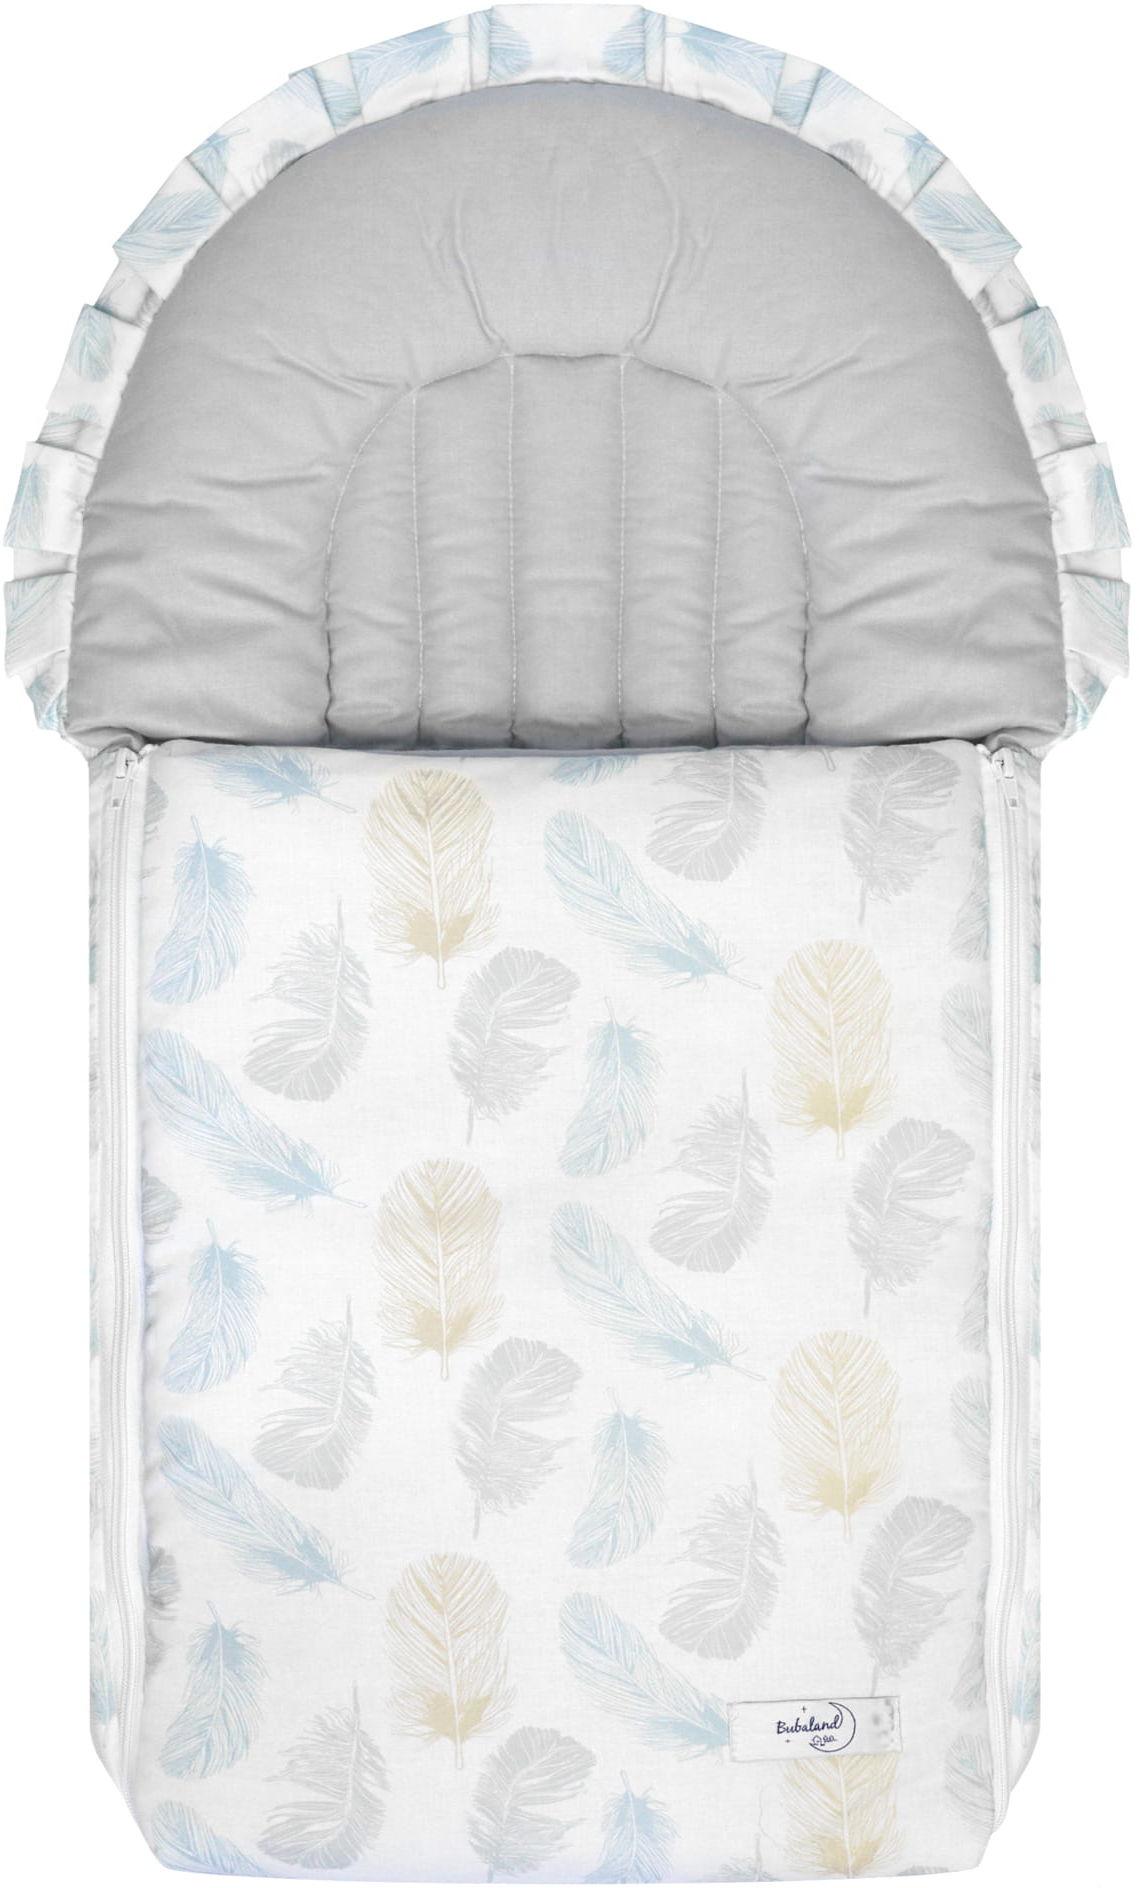 Rożek dla niemowlaka - becik dla dziecka Piórka  100% bawełna